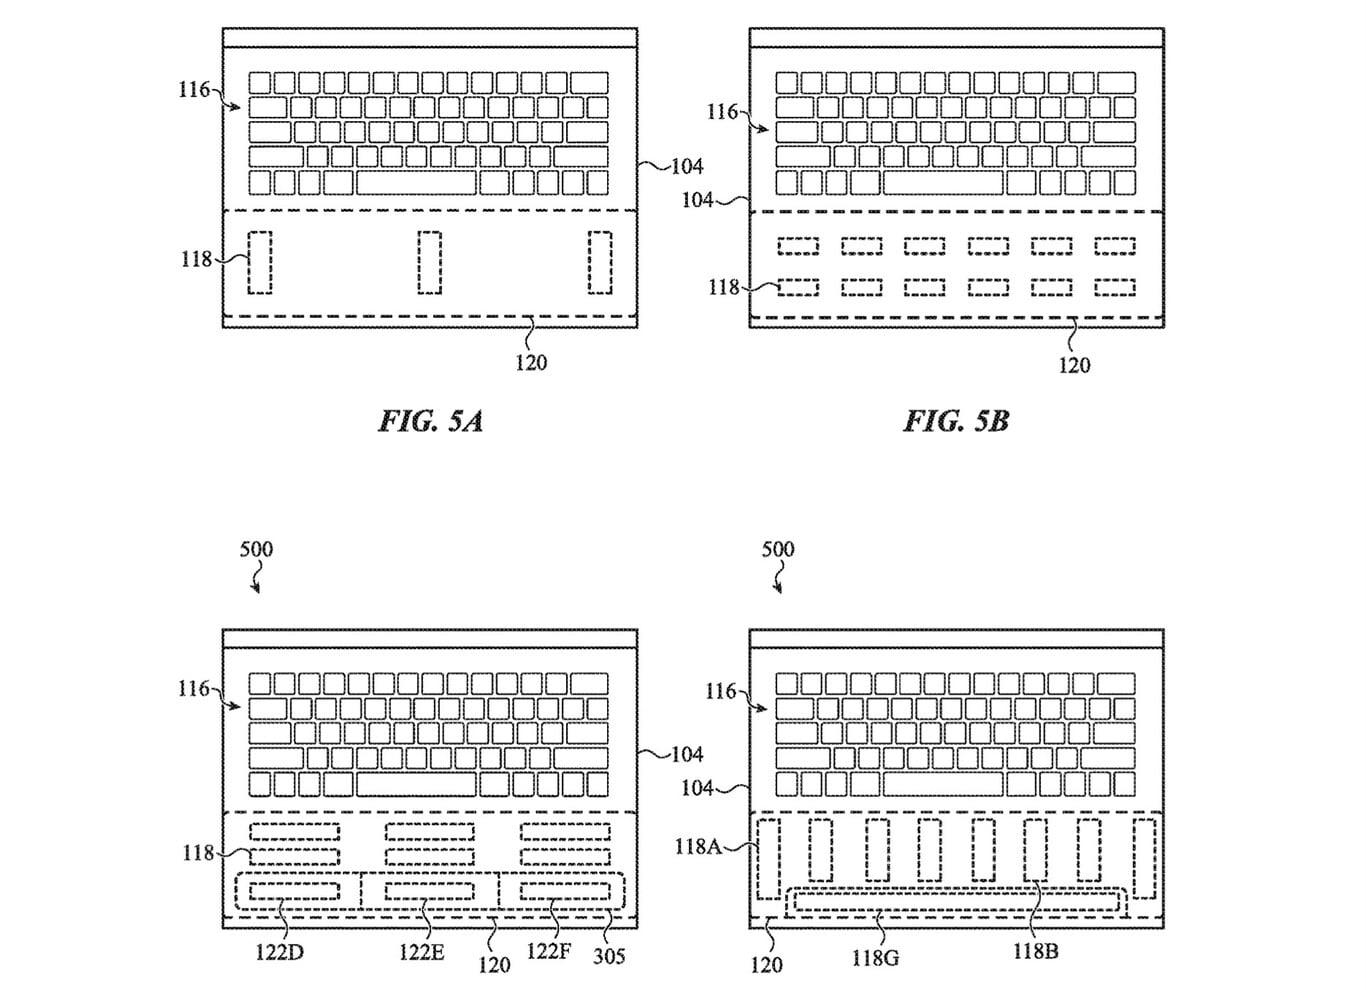 Apple'ın yeni patenti, birden fazla dokunsal alana sahip gelecekteki Macbook tasarımını gösteriyor